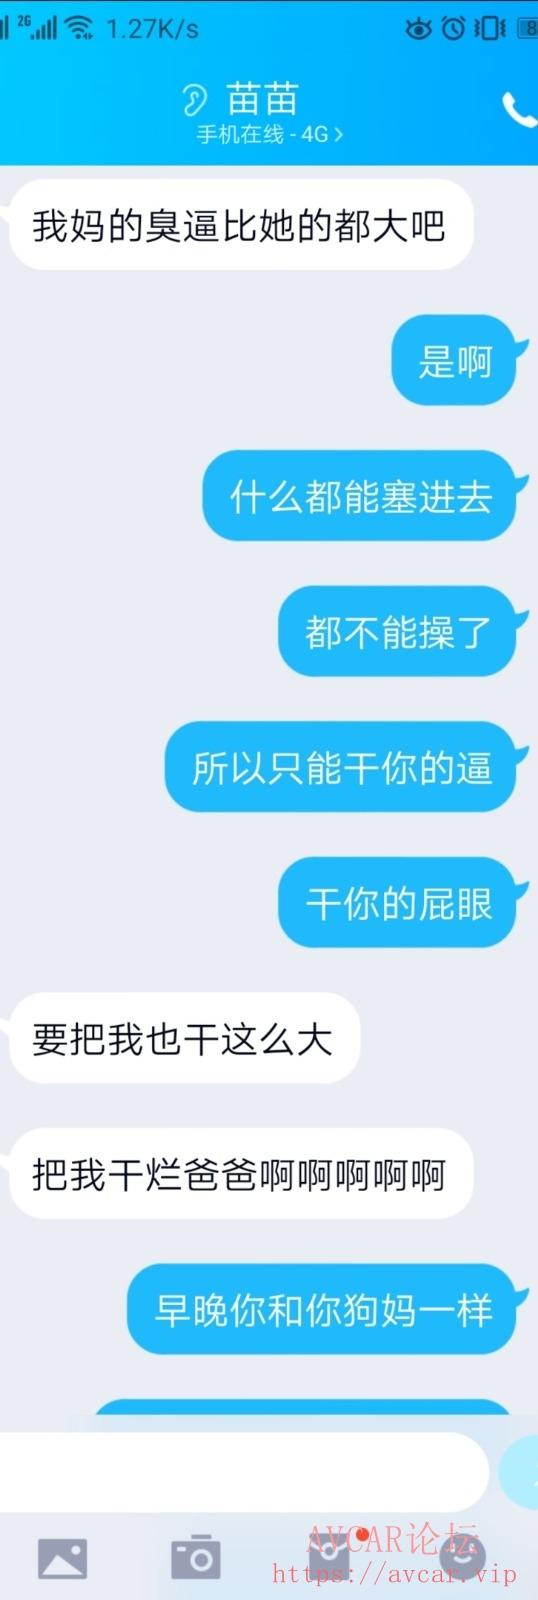 Screenshot_20210504_083147.jpg